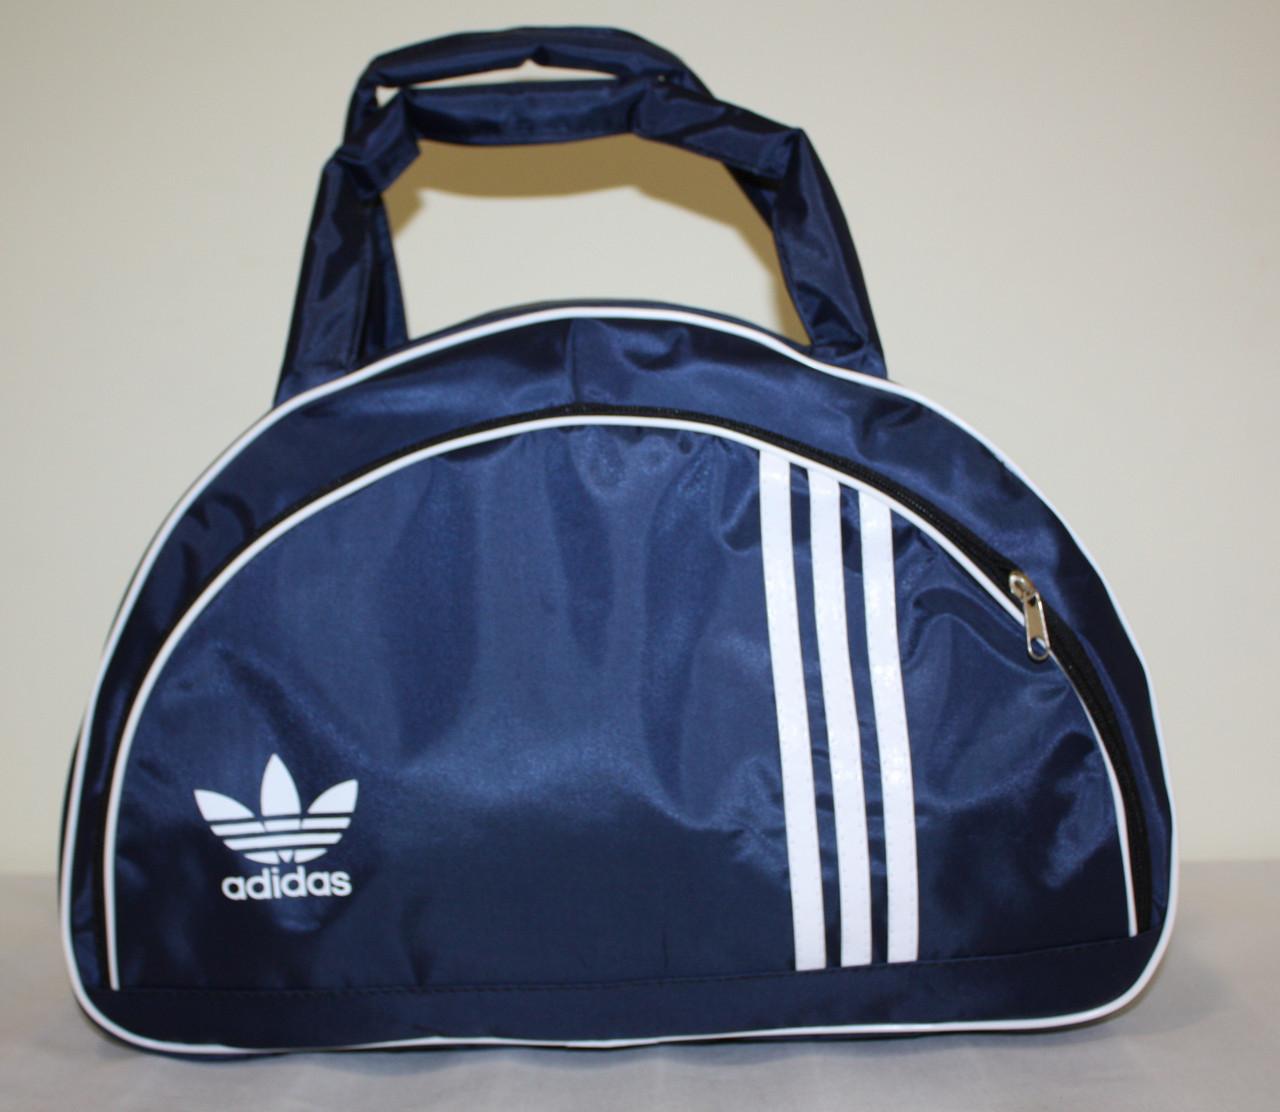 fec82be83e47 Спортивная сумка Adidas синяя, цена 190 грн., купить в Одессе — Prom ...